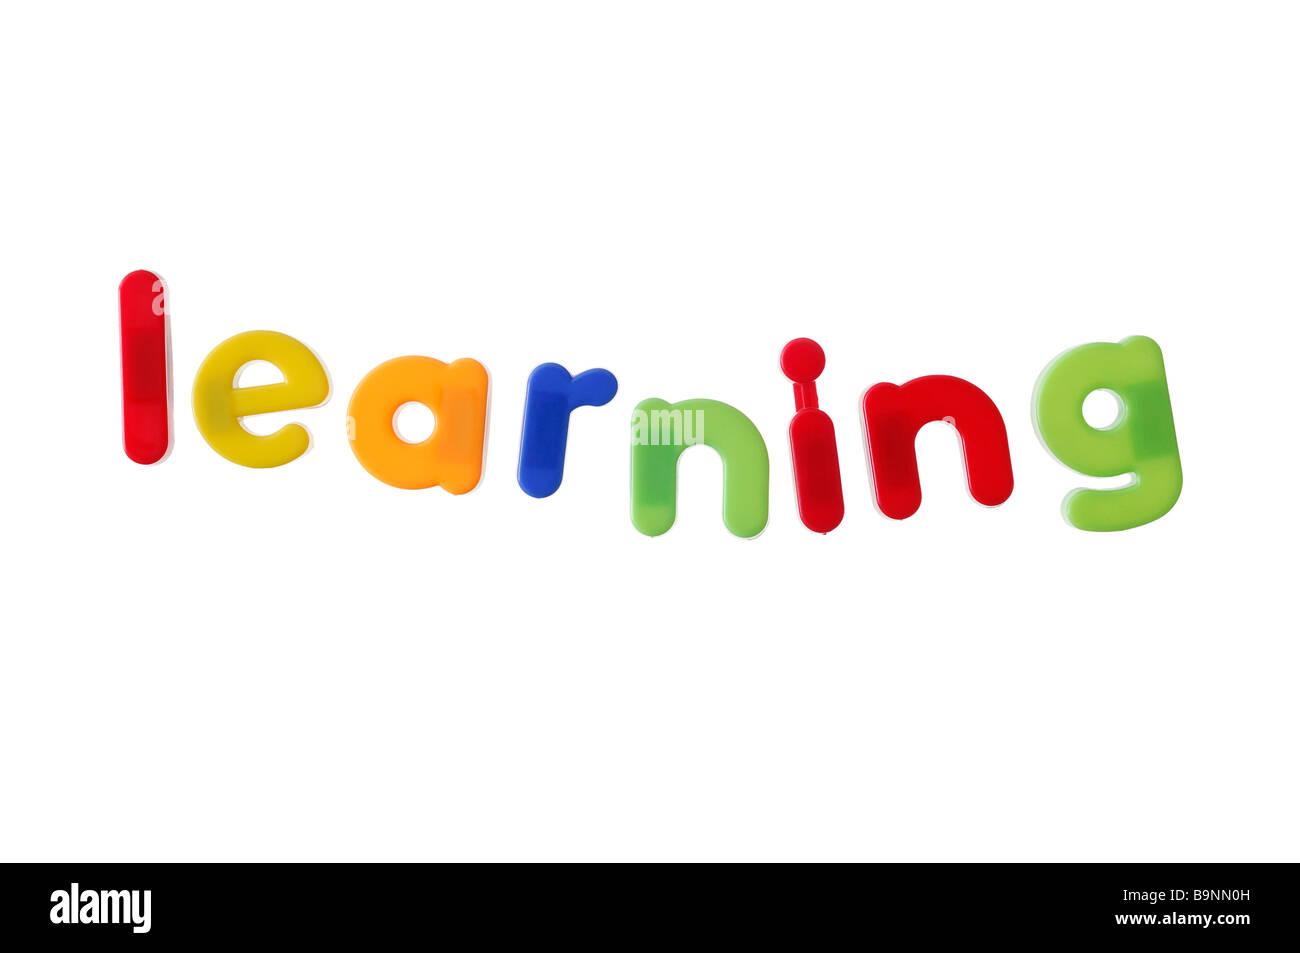 El aprendizaje escrito con letras magnéticas Imagen De Stock